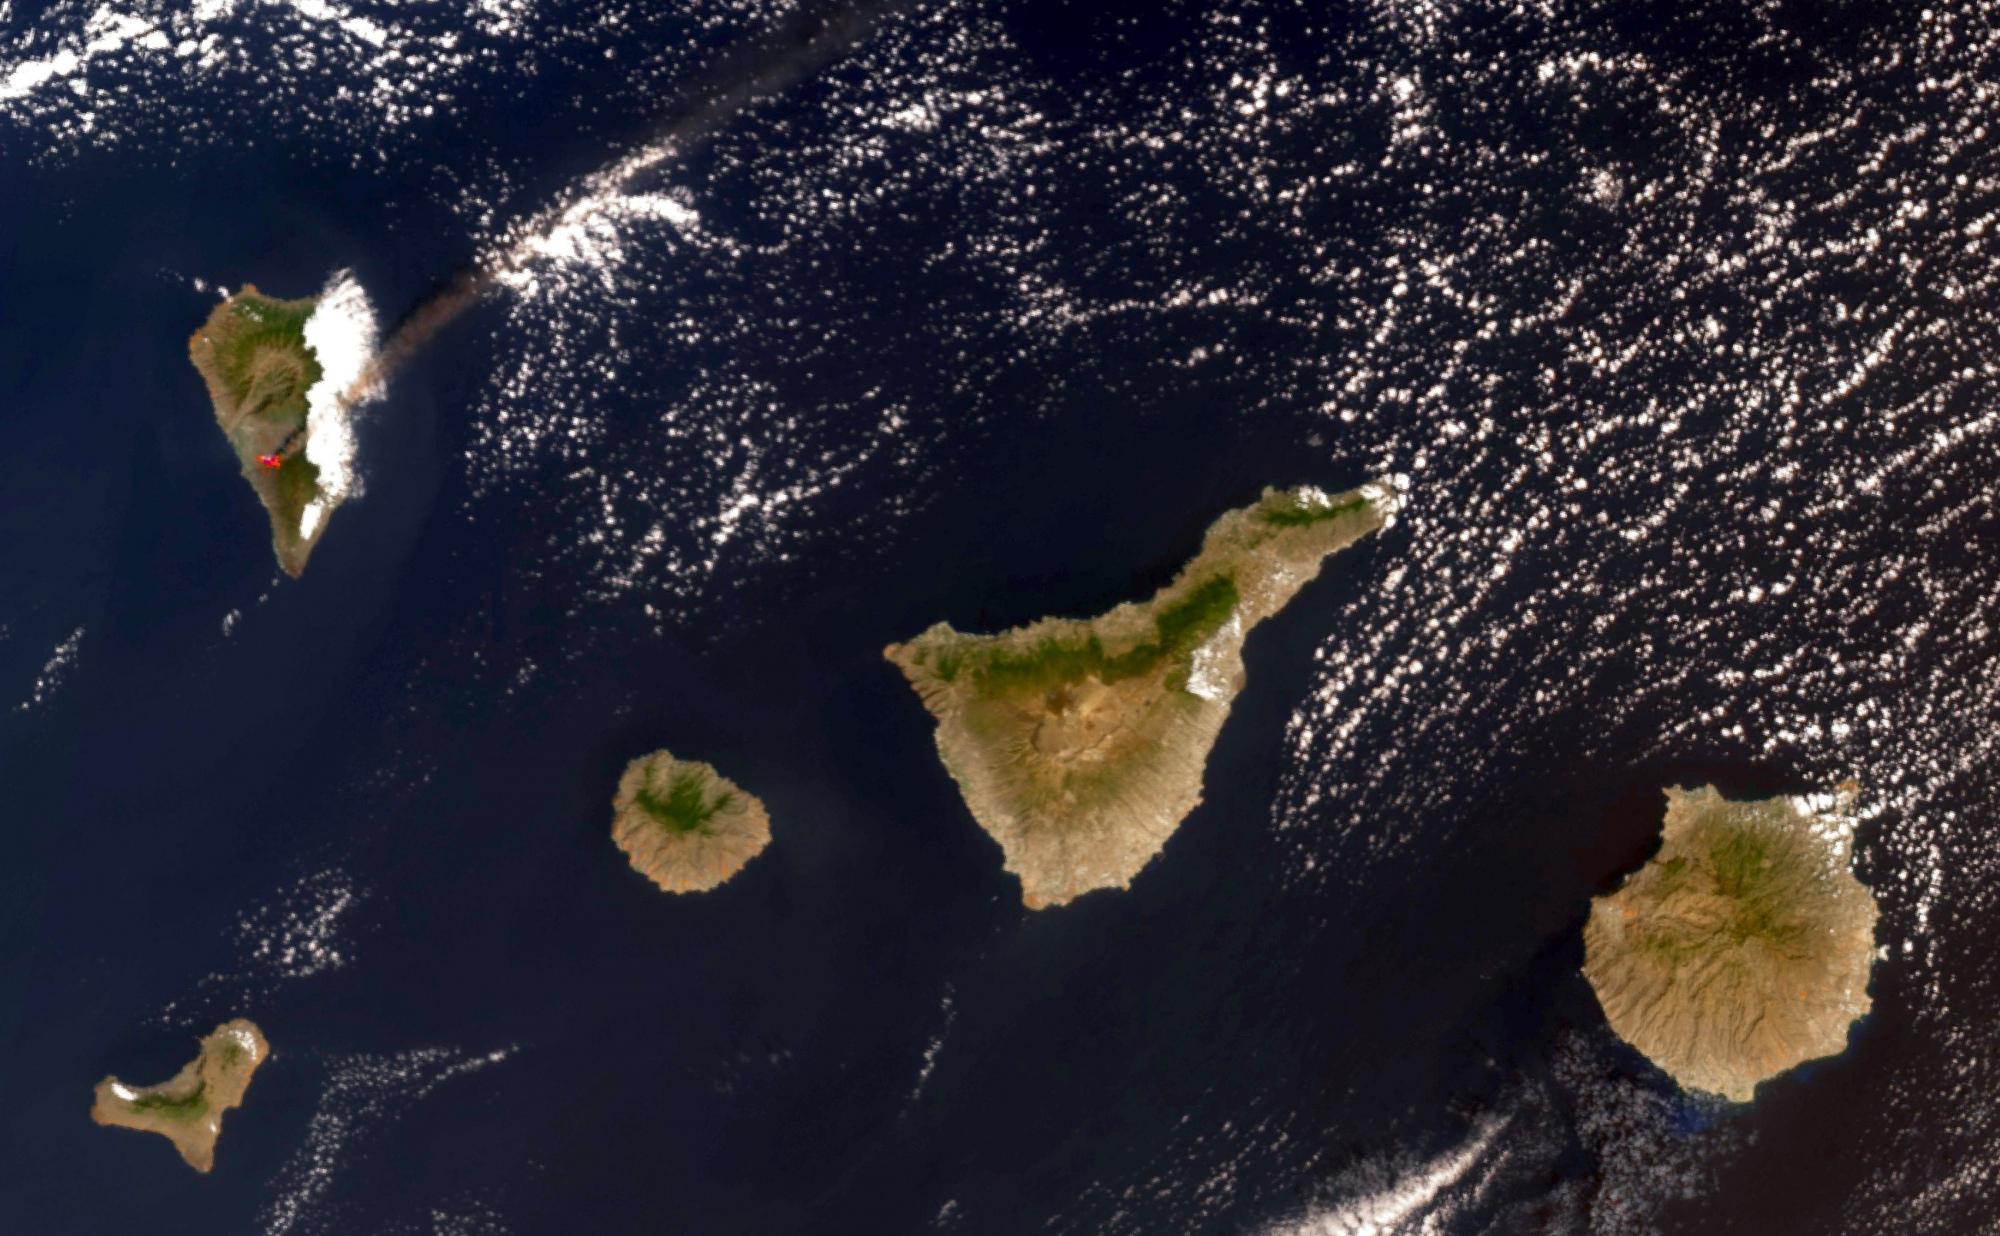 615257135a692_210926_IslasCanarias_LaPalmaeruption_Sentinel-3_OLCISLSTR_m.thumb.jpg.f0fa9c14764aa4e4f699c2bb7bdfb9b5.jpg